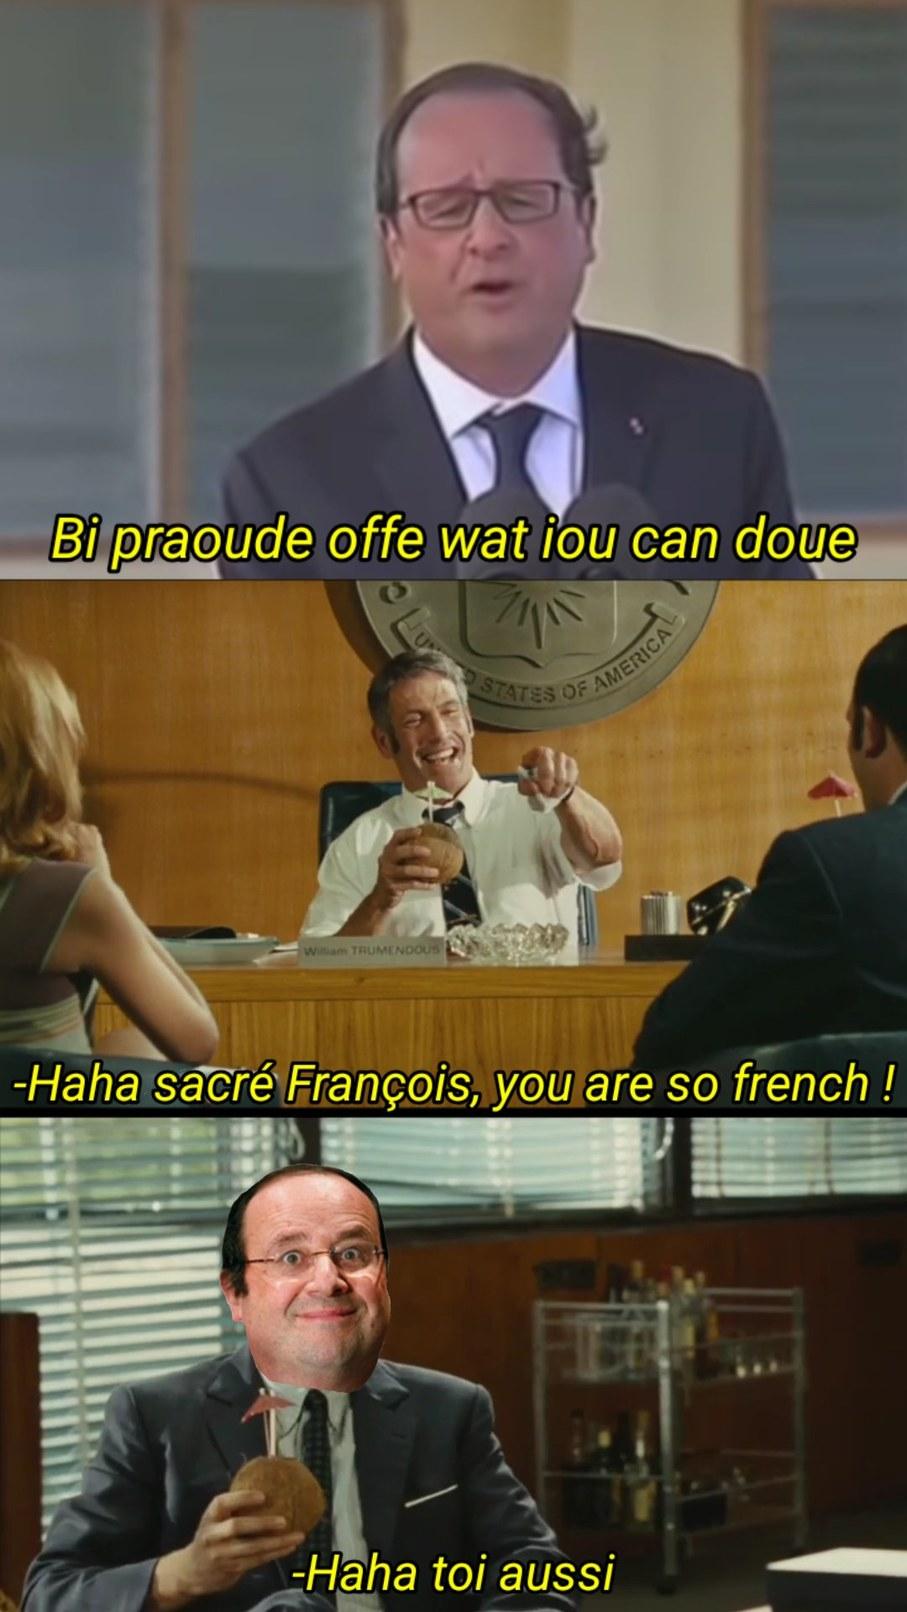 Le franglais bien sûr - meme